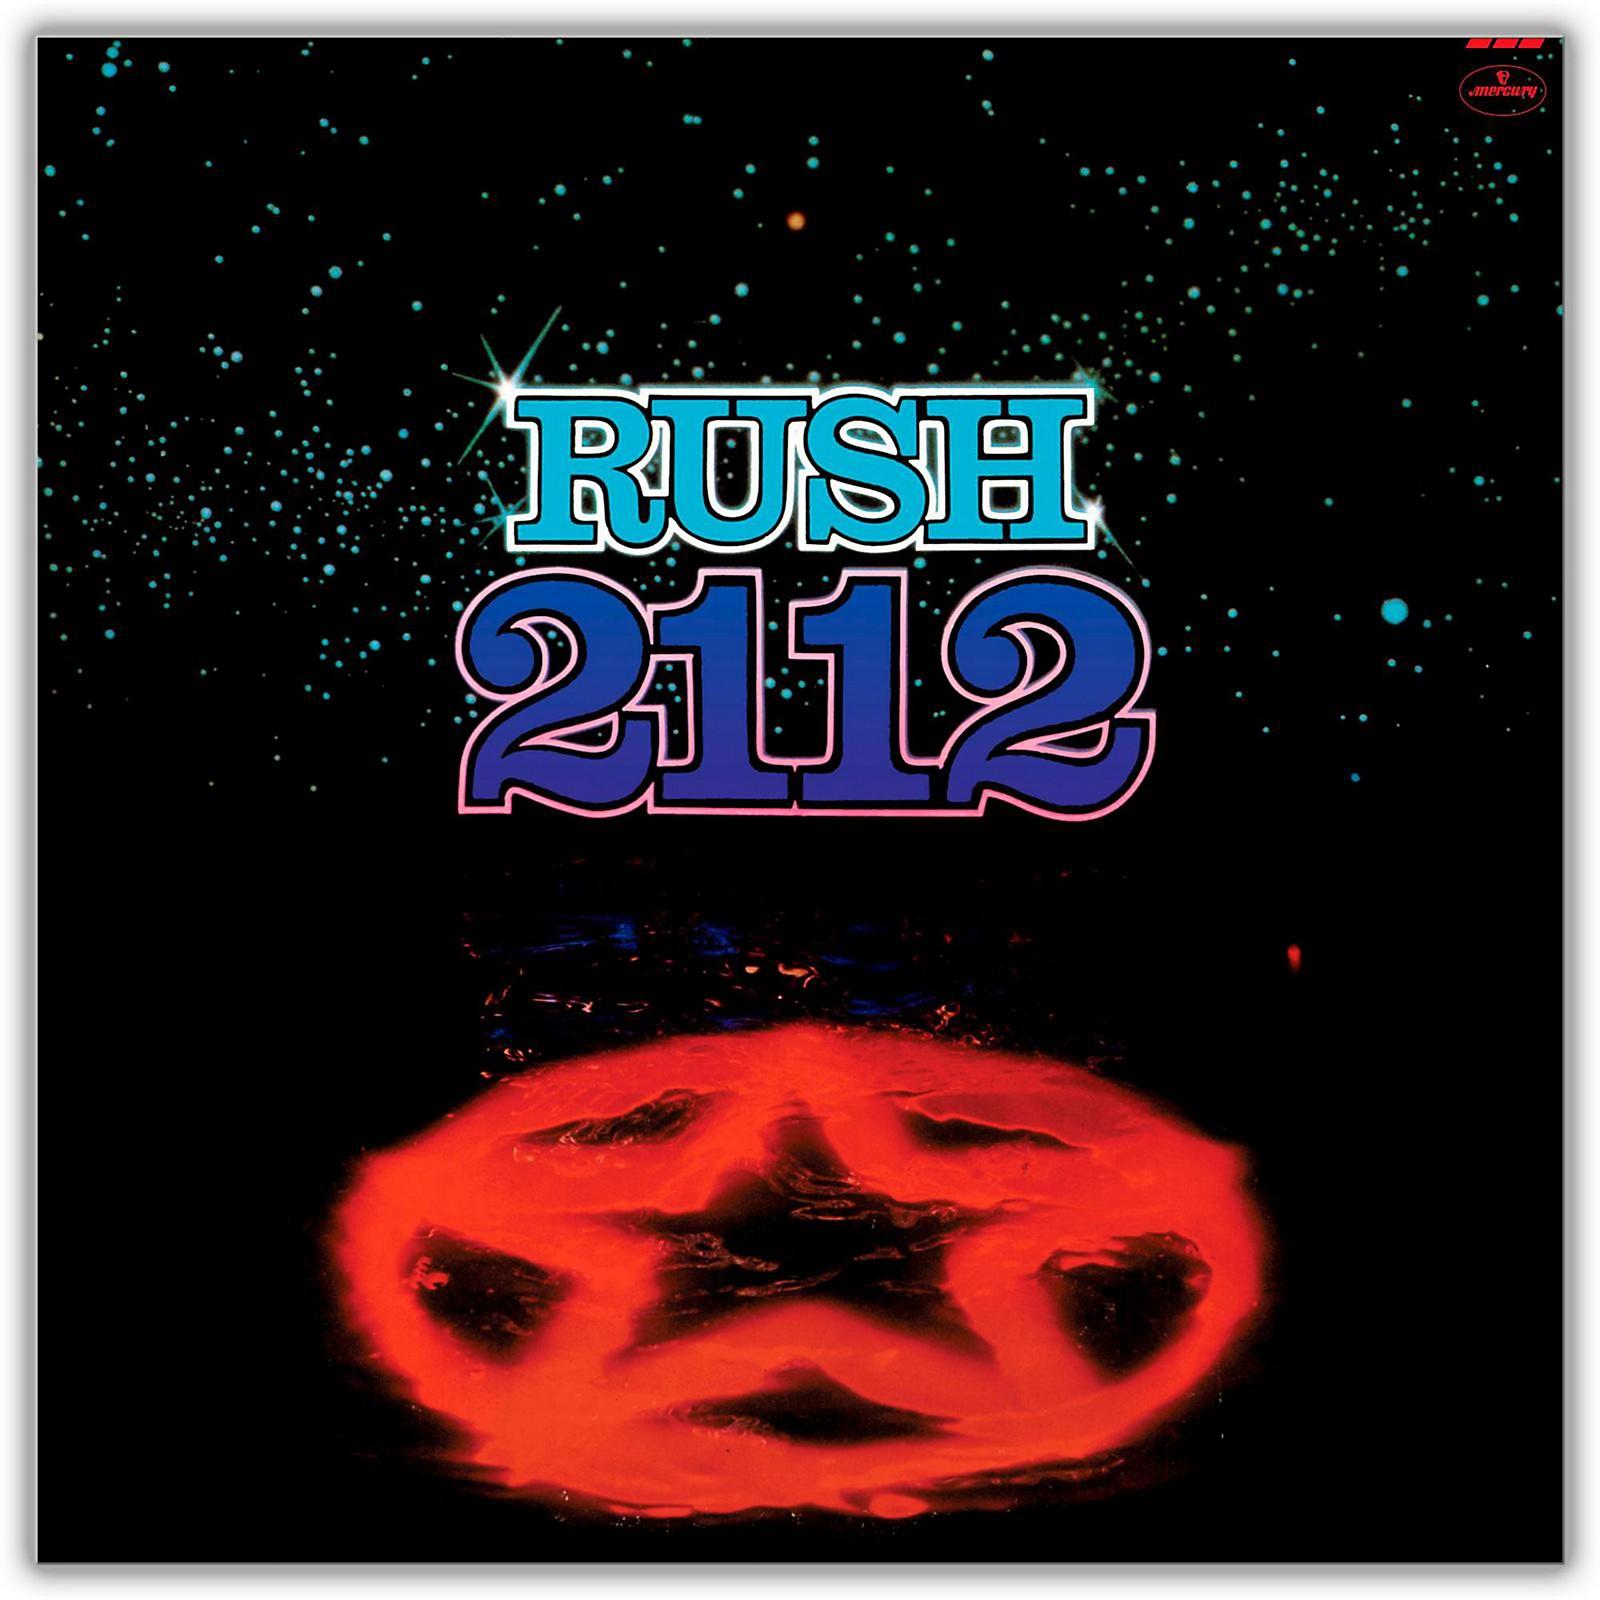 Universal Music Group Rush - 2112 Vinyl LP